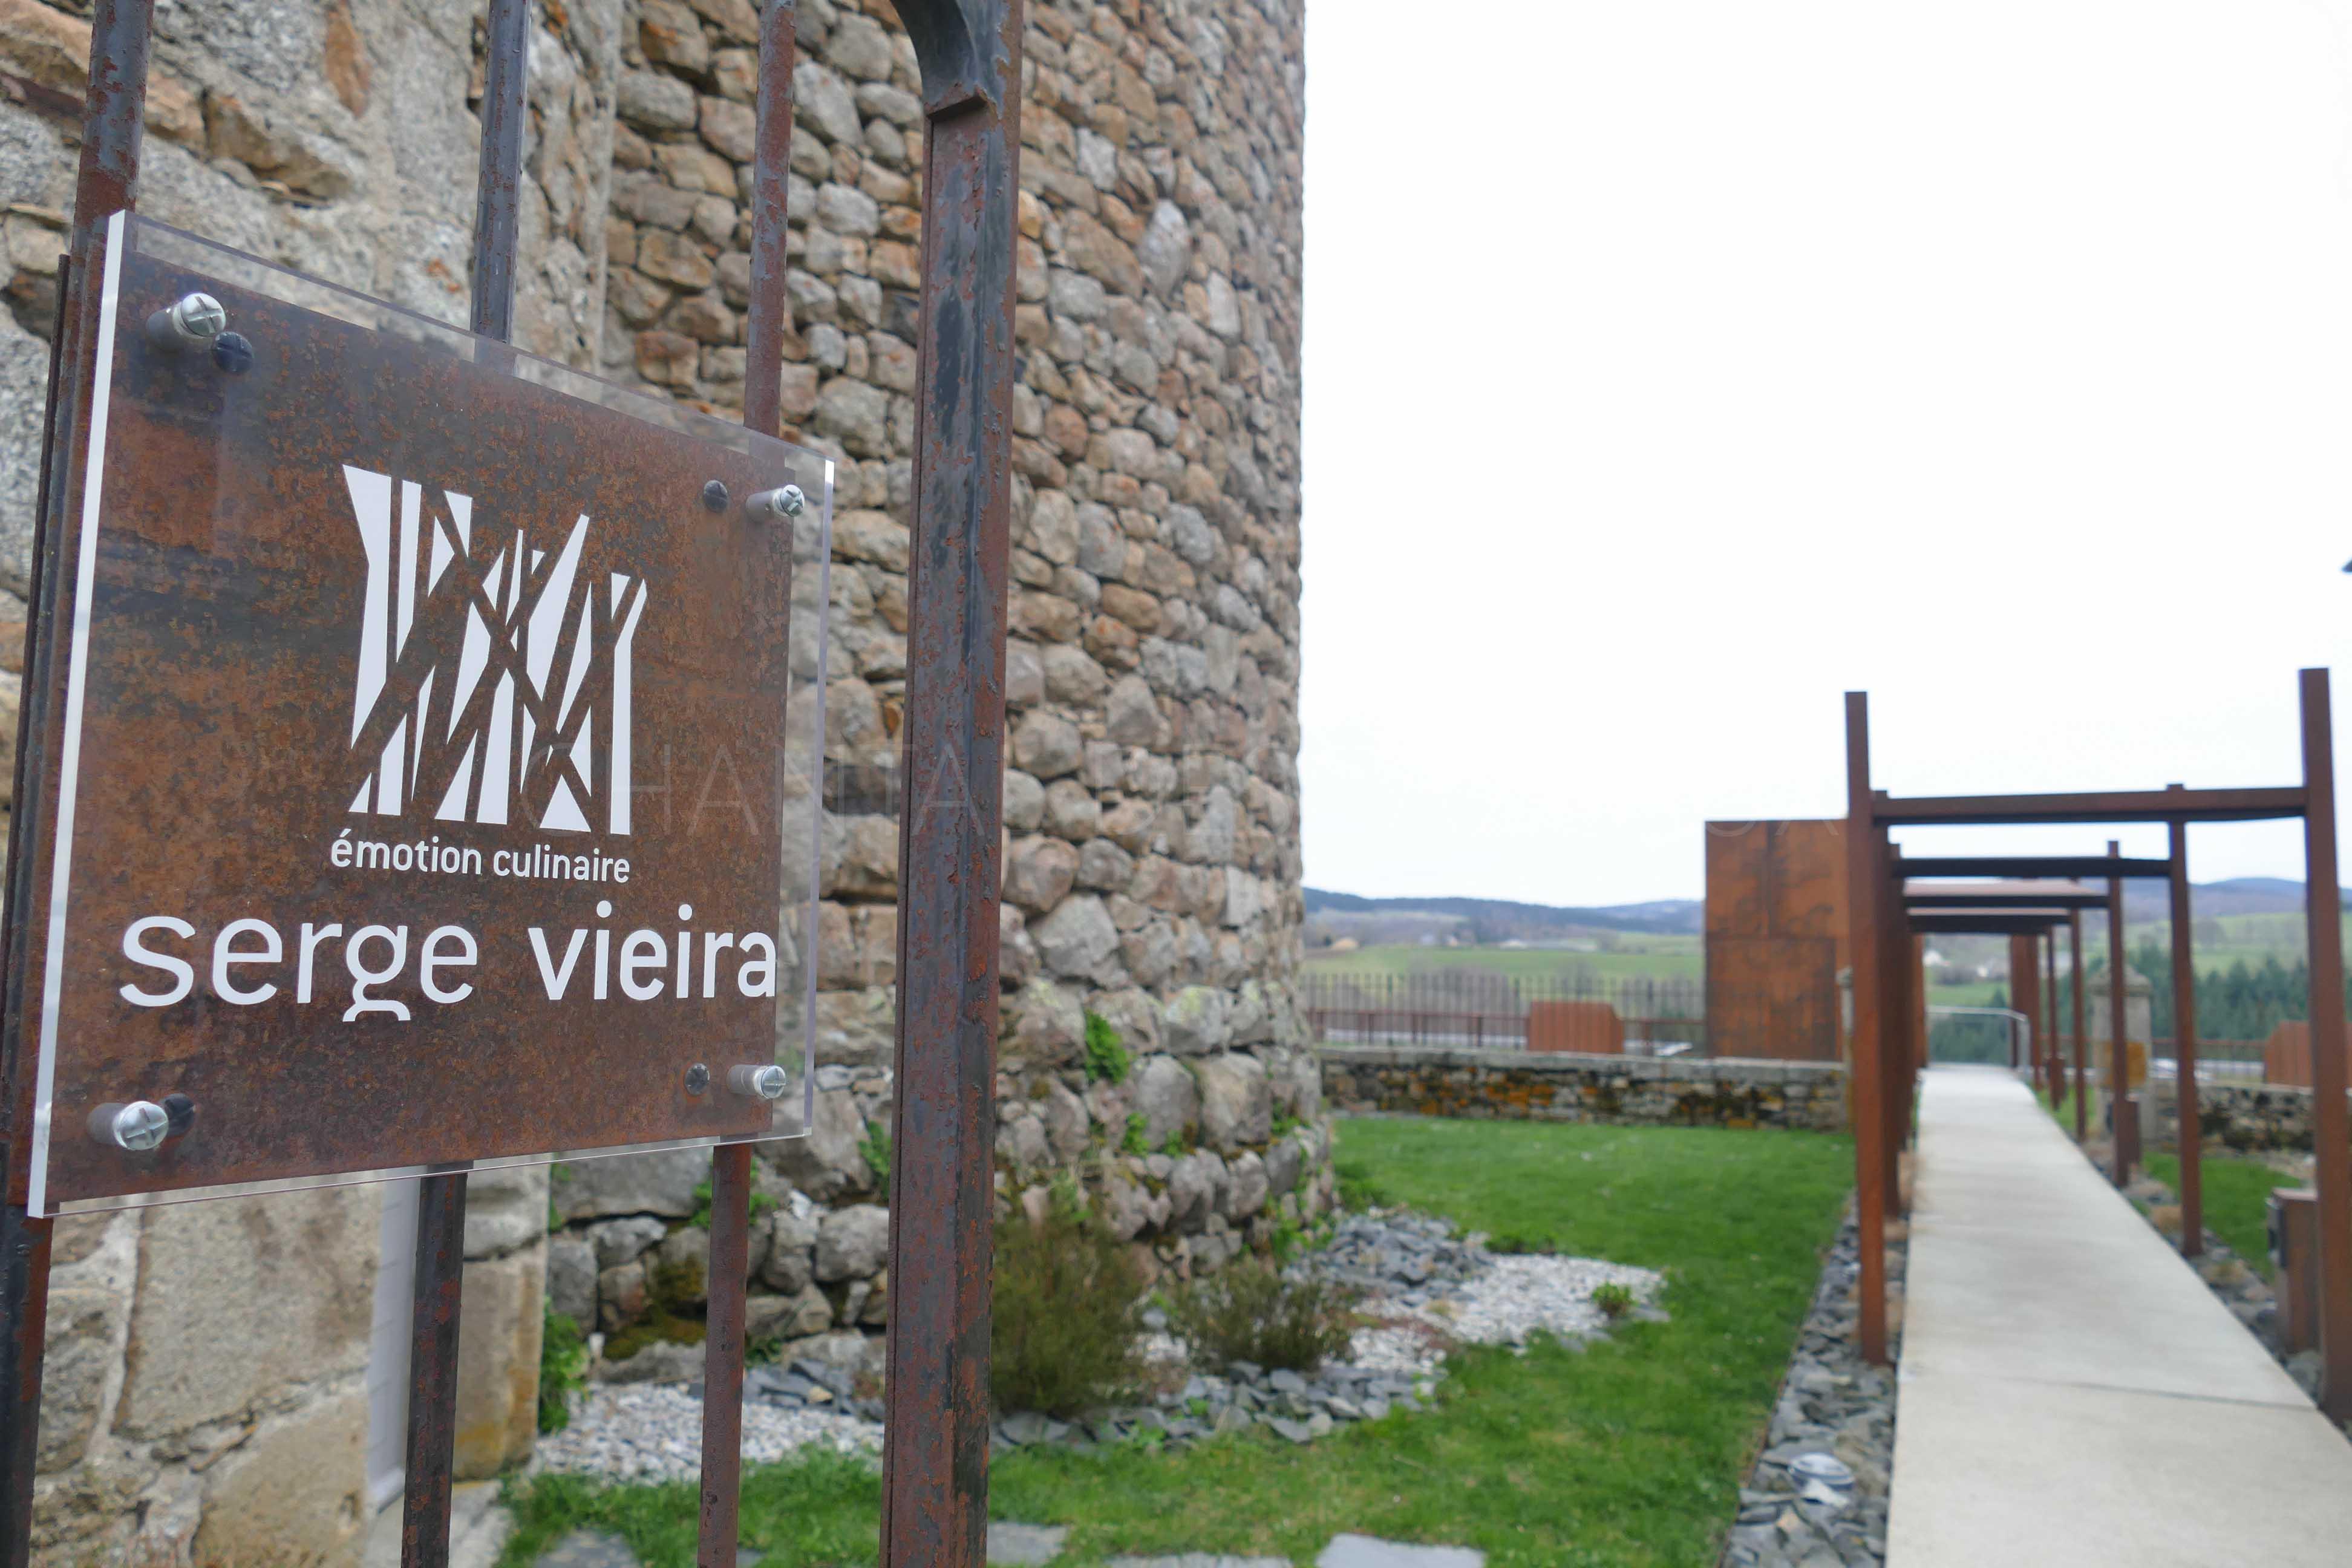 Dîner chez Serge Vieira à Chaudes Aigues [Cantal]